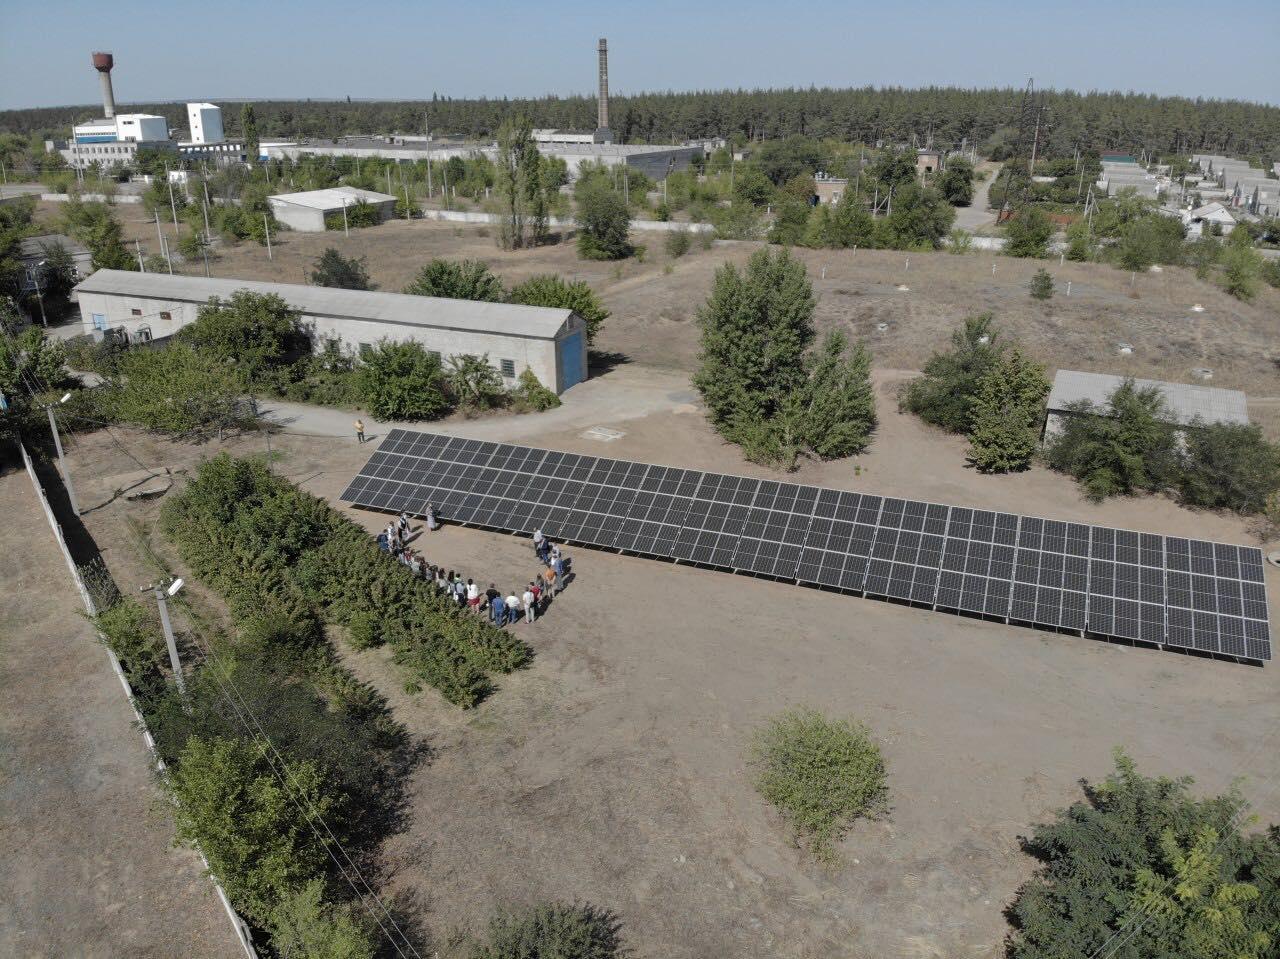 У Вознесенську відкрили першу сонячну електростанцію для водоканалу в країні